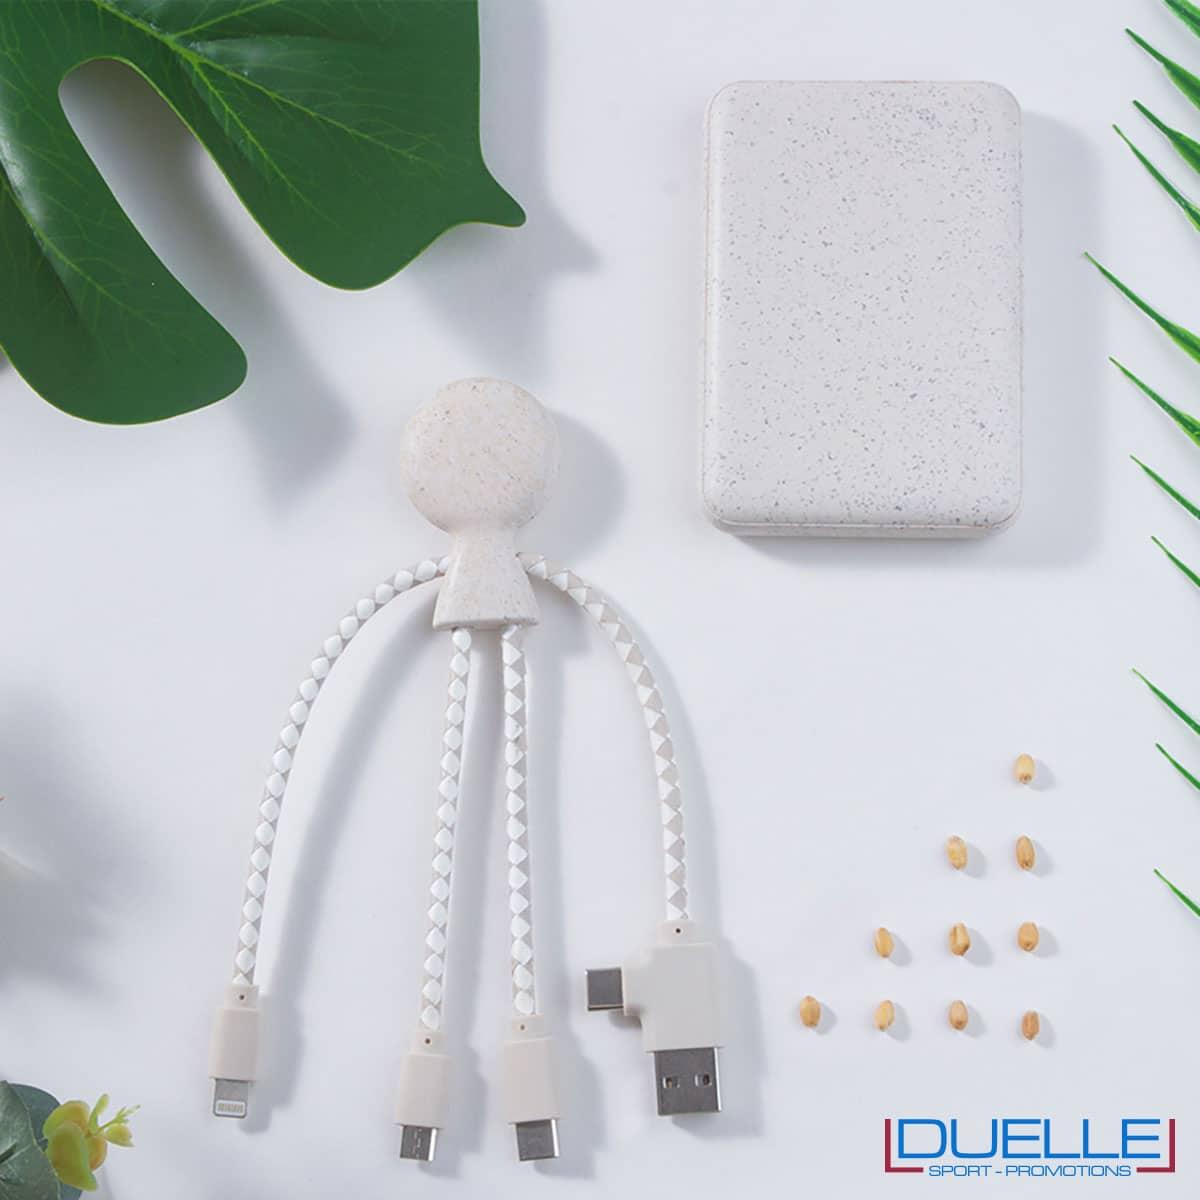 Powerbank in fibra di grano e plastica bio personalizzato con cavi di ricarica